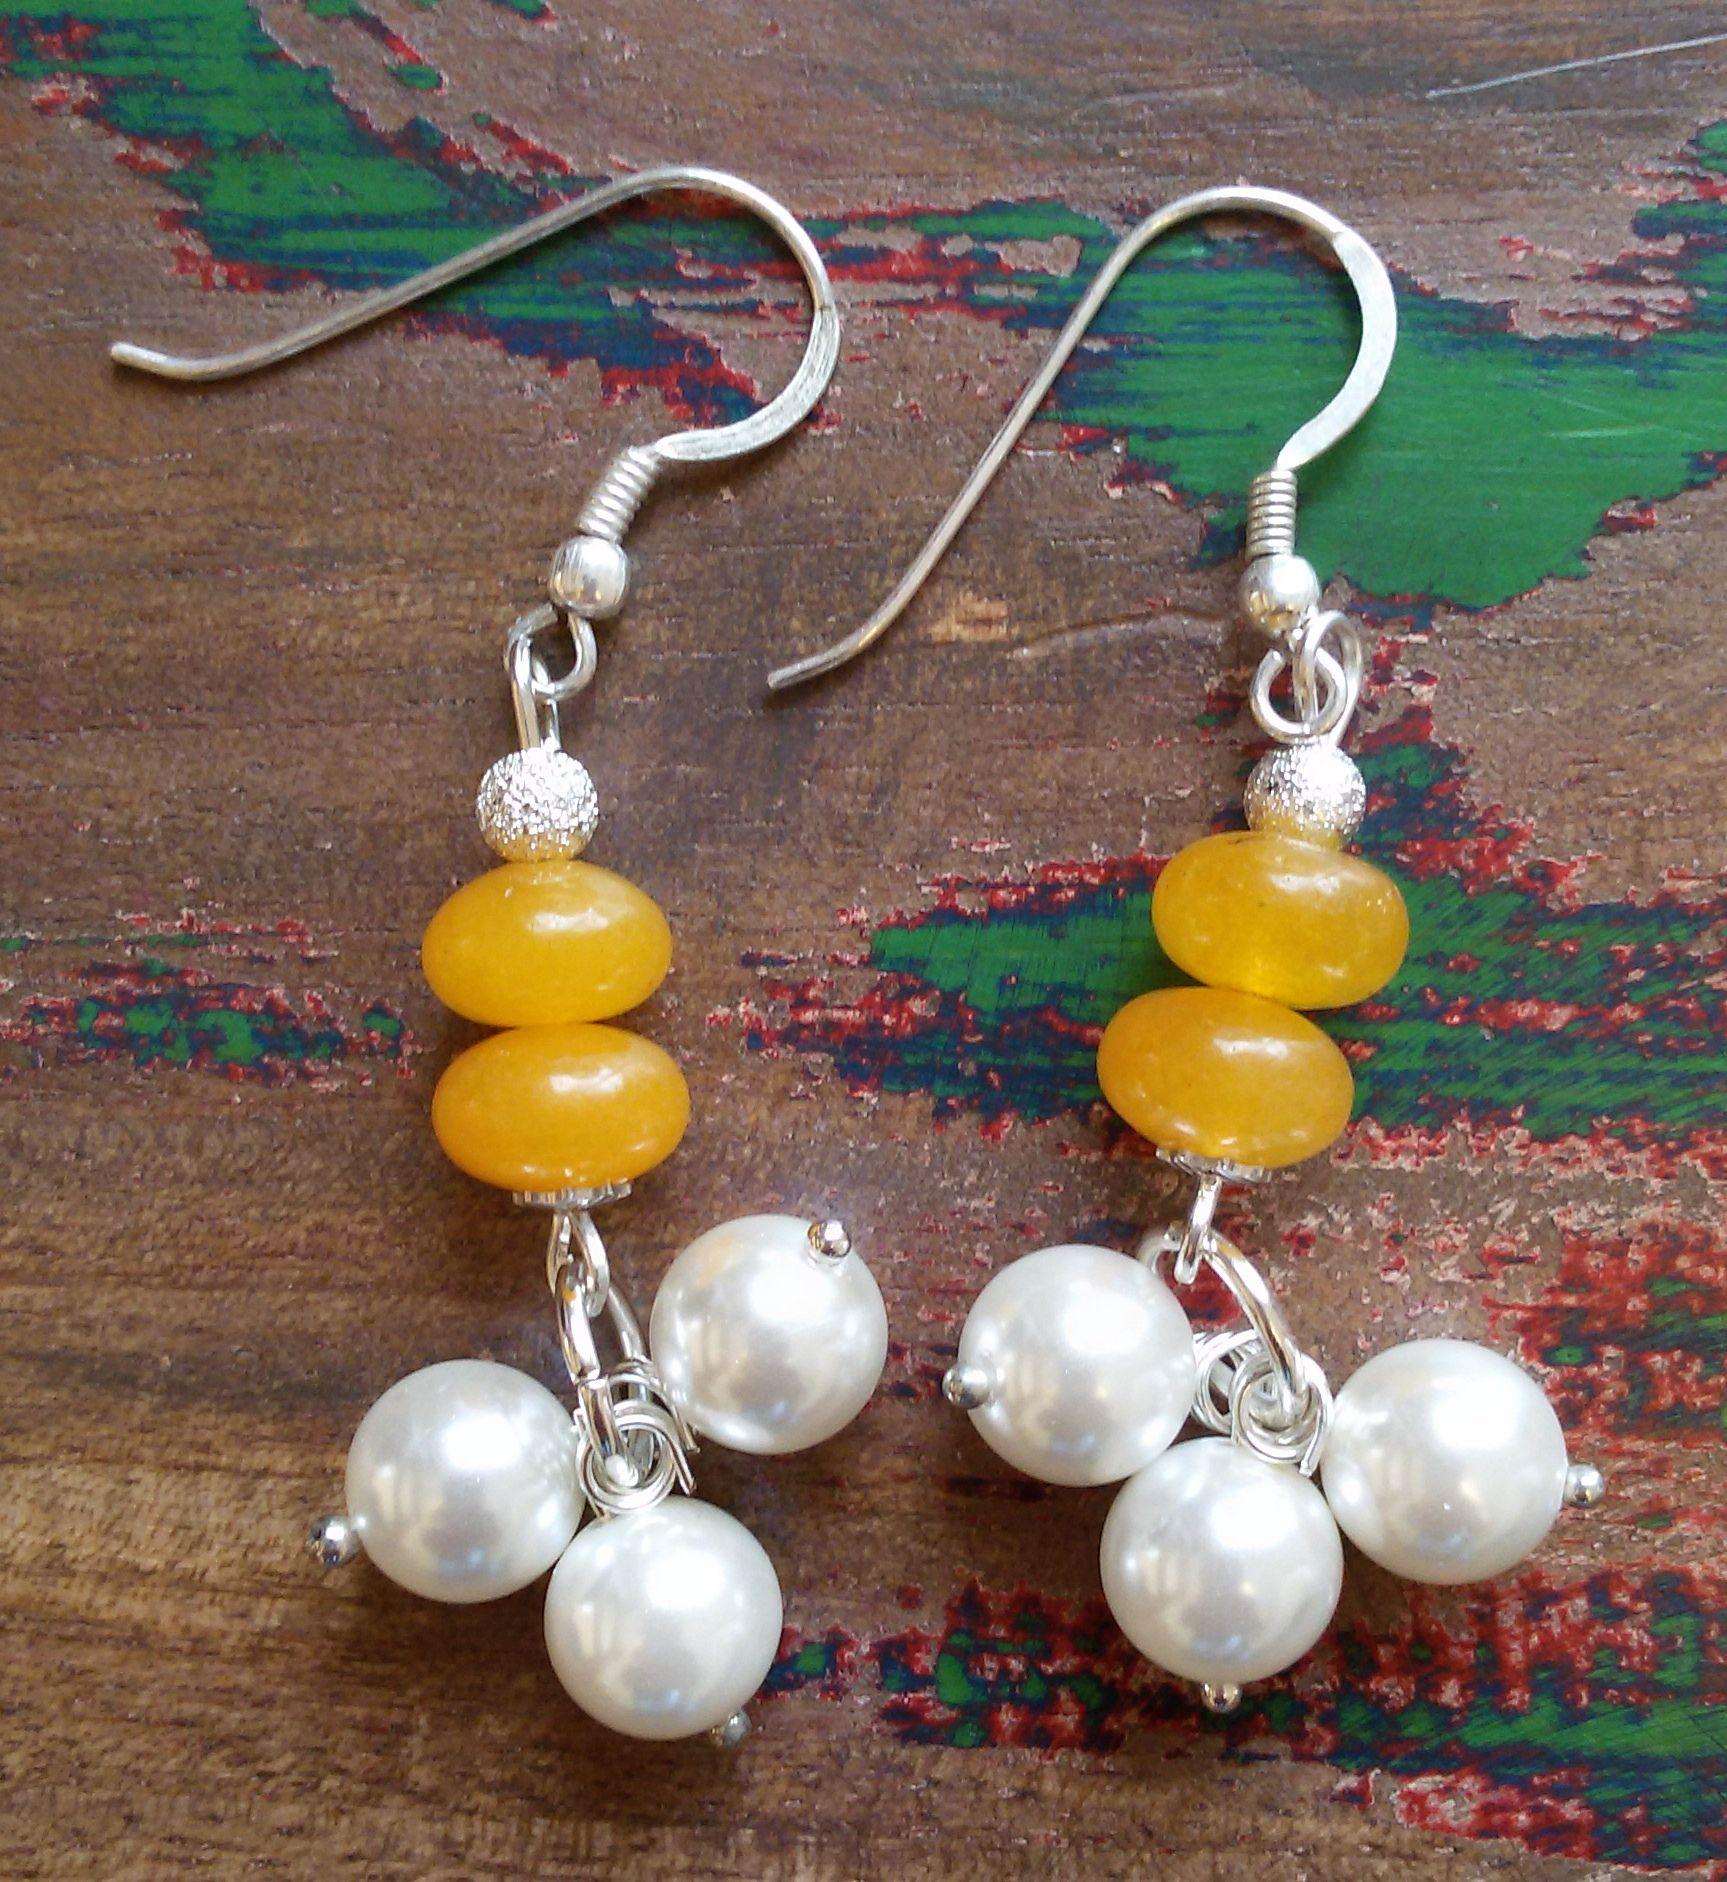 Orecchini in argento con perline e pietre dure.